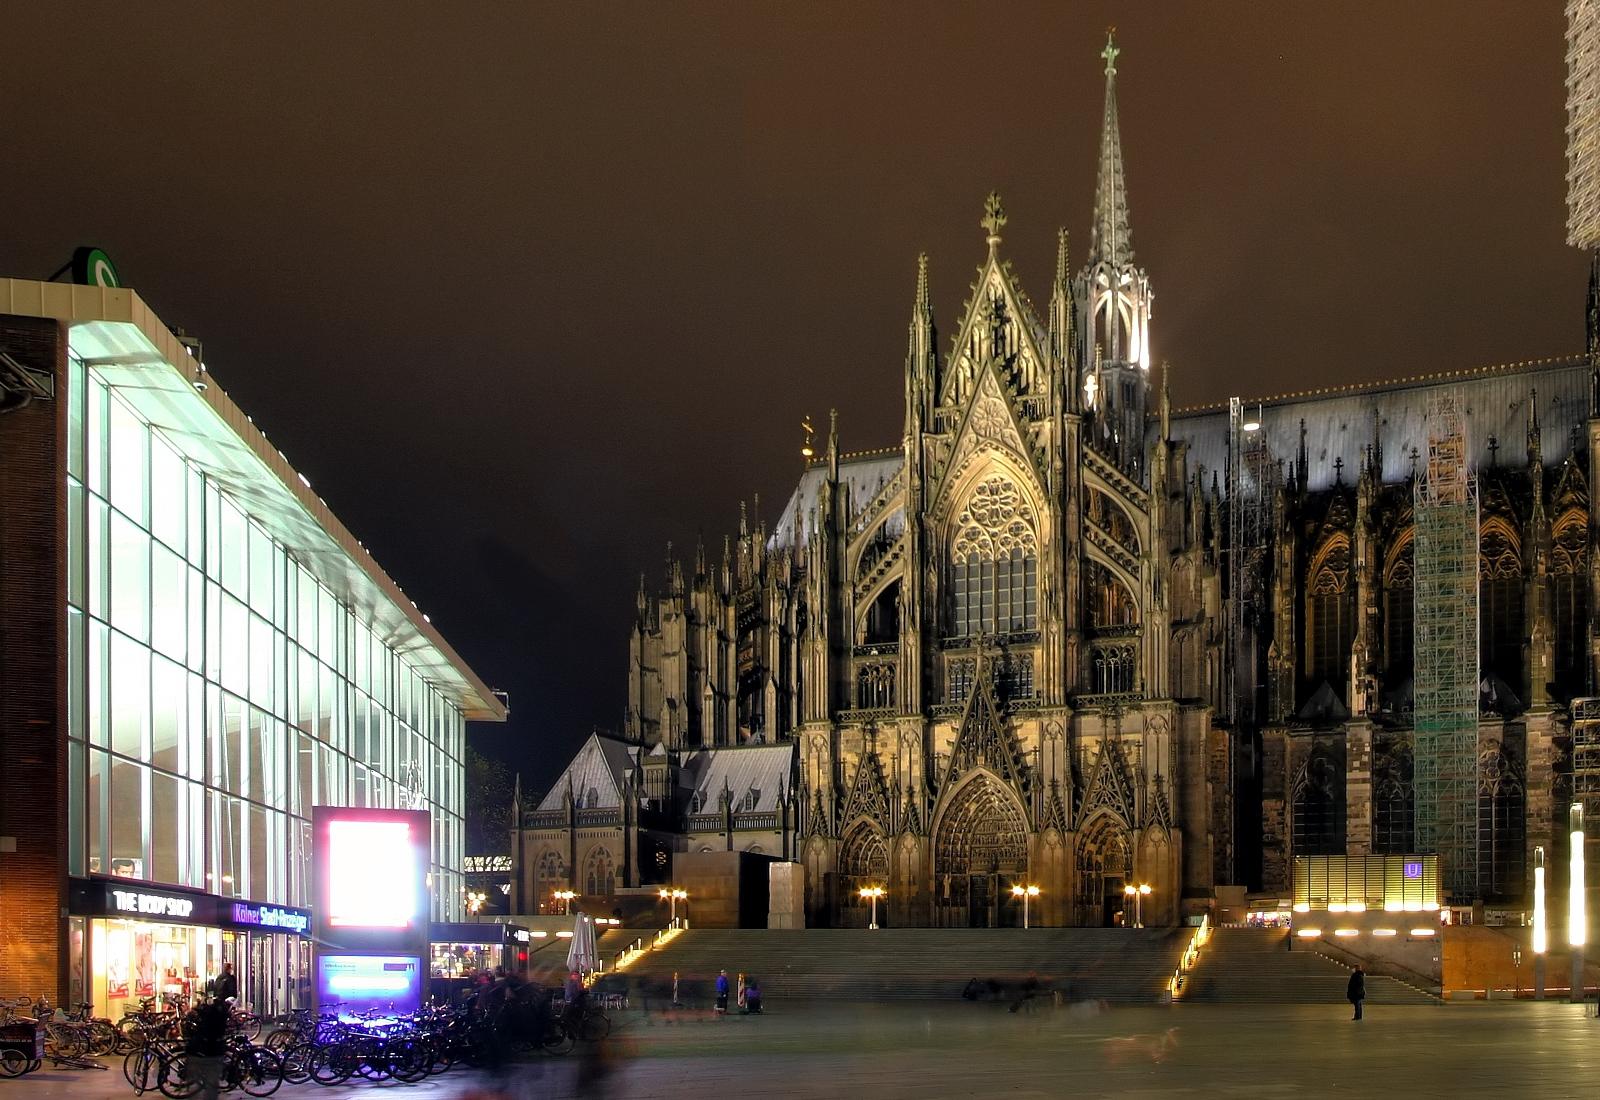 Datei Kolner Dom Nordseite Und Bahnhofsvorplatz Bei Nacht Ausschnitt 8117 19 Jpg Wikipedia